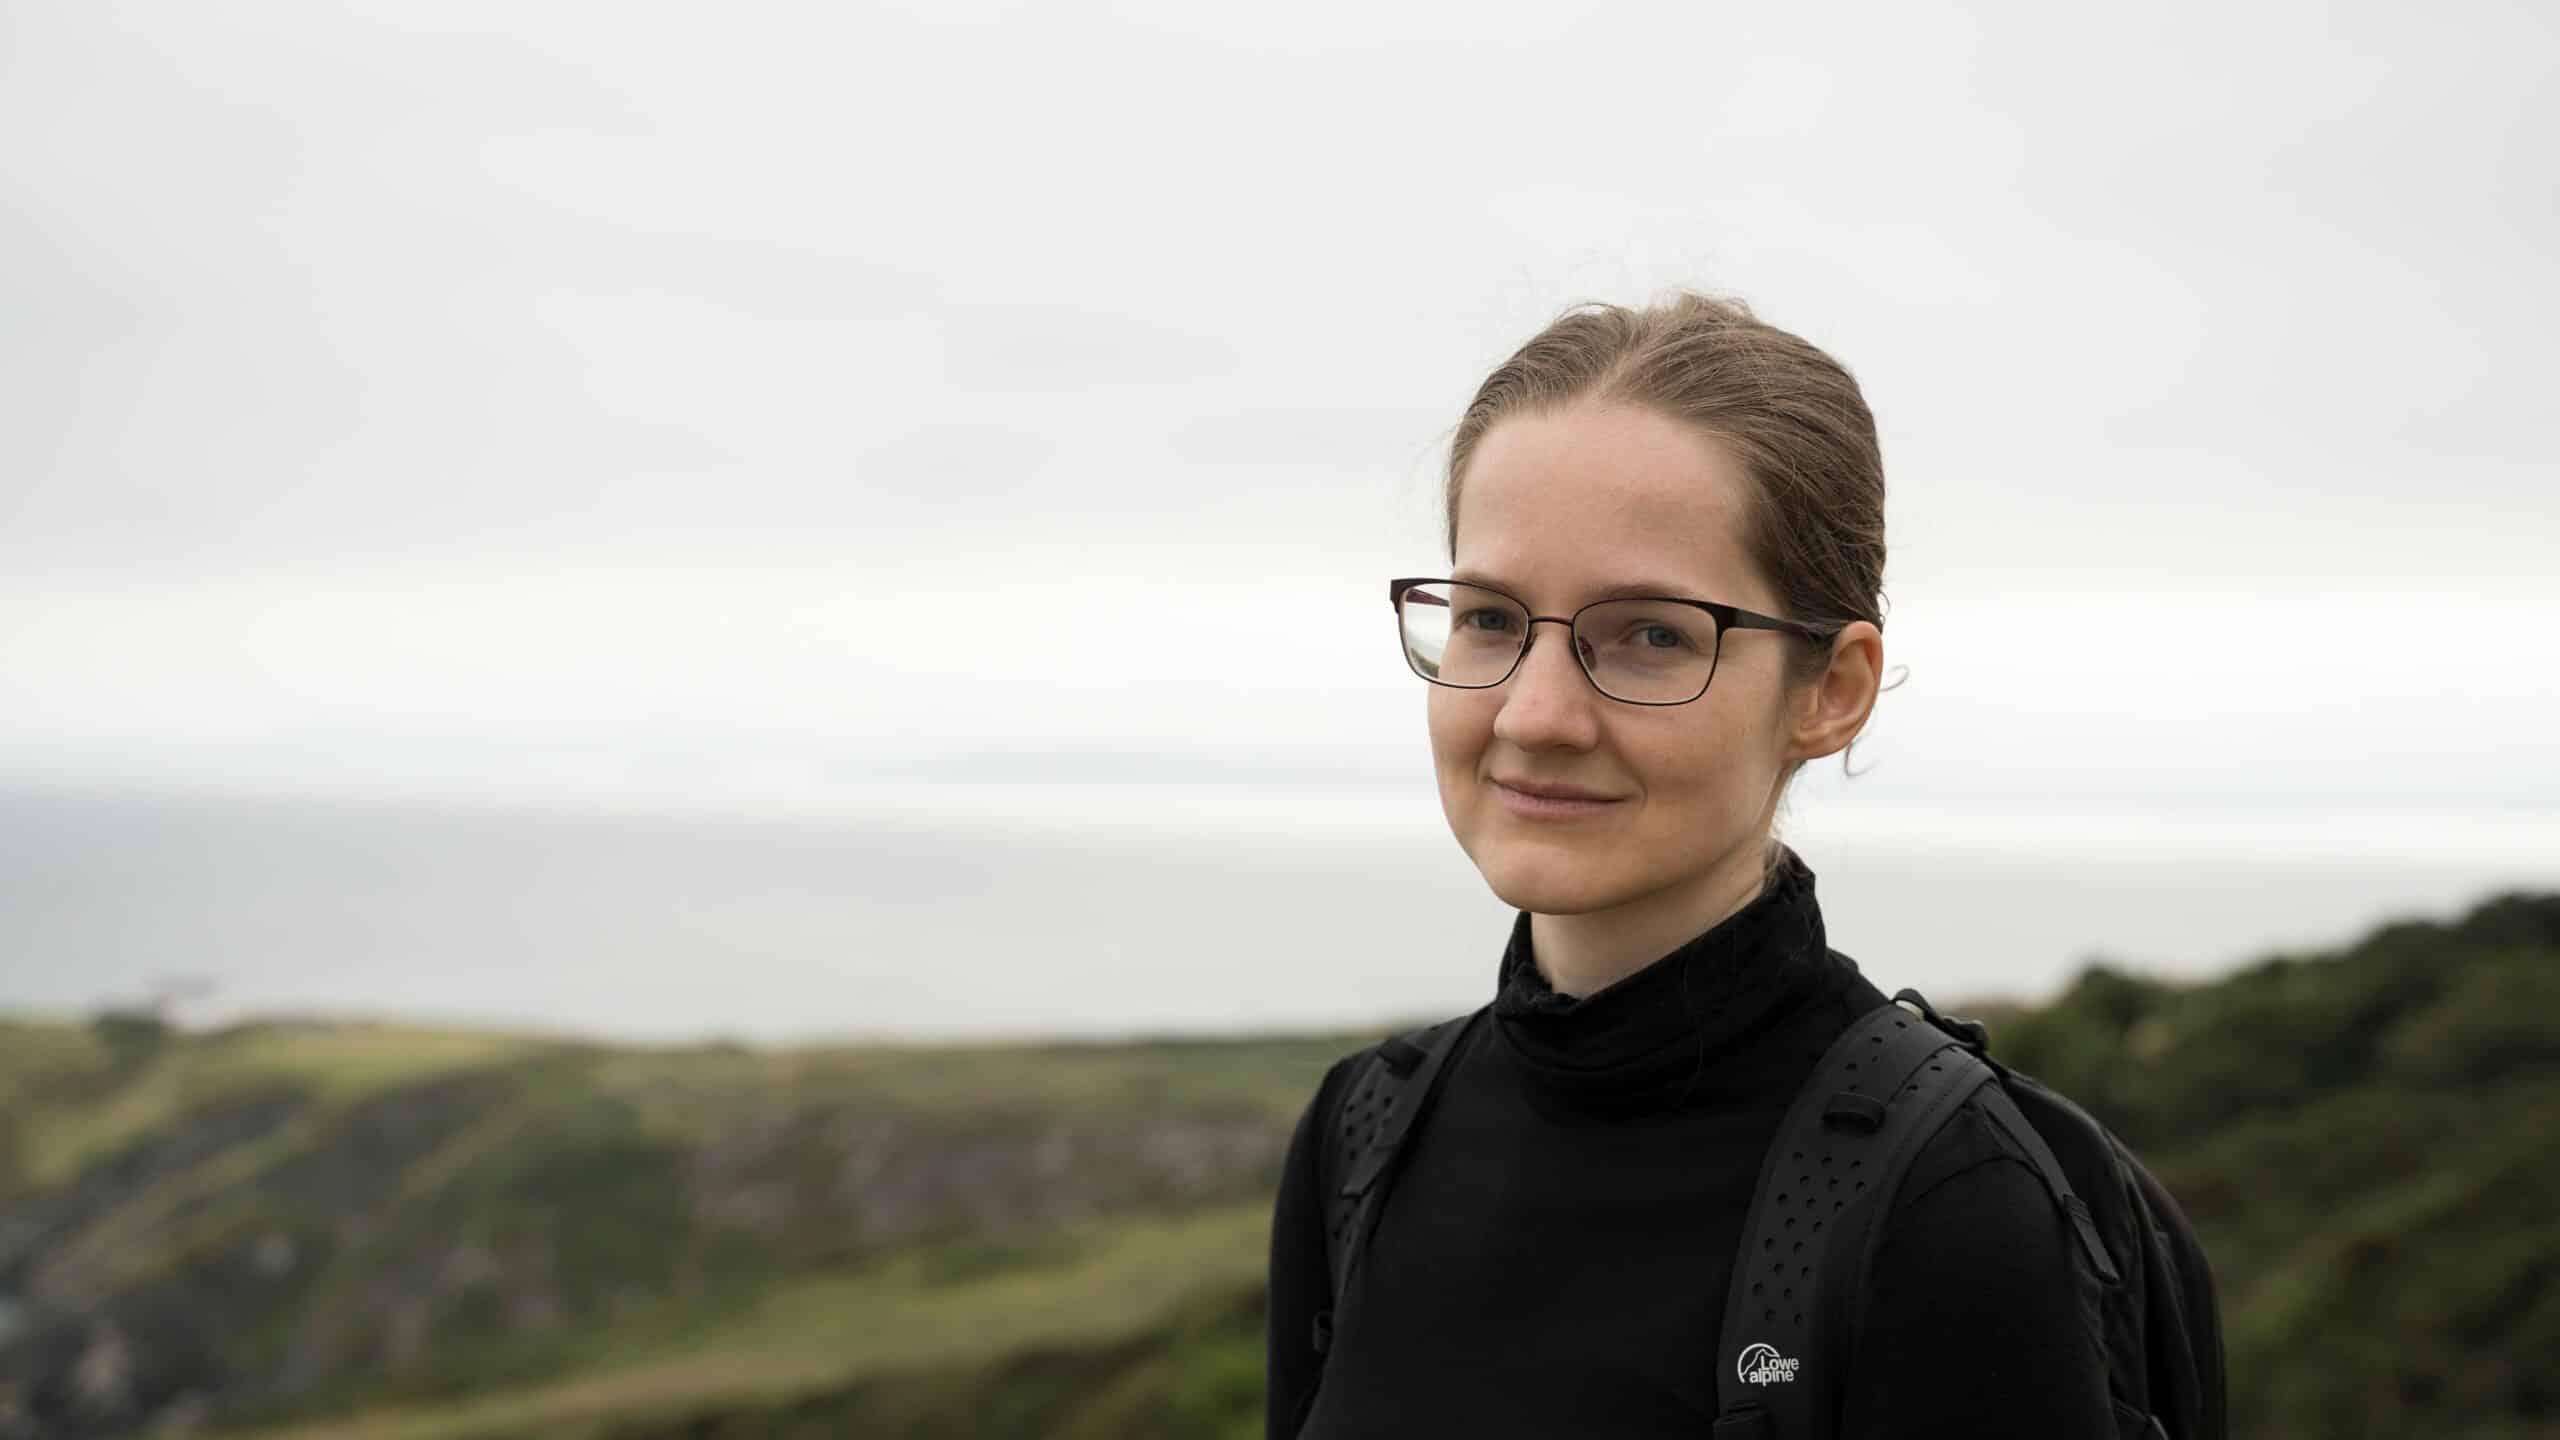 维塔士精英访谈:物理学博士Lisa Willig的游戏开发之路